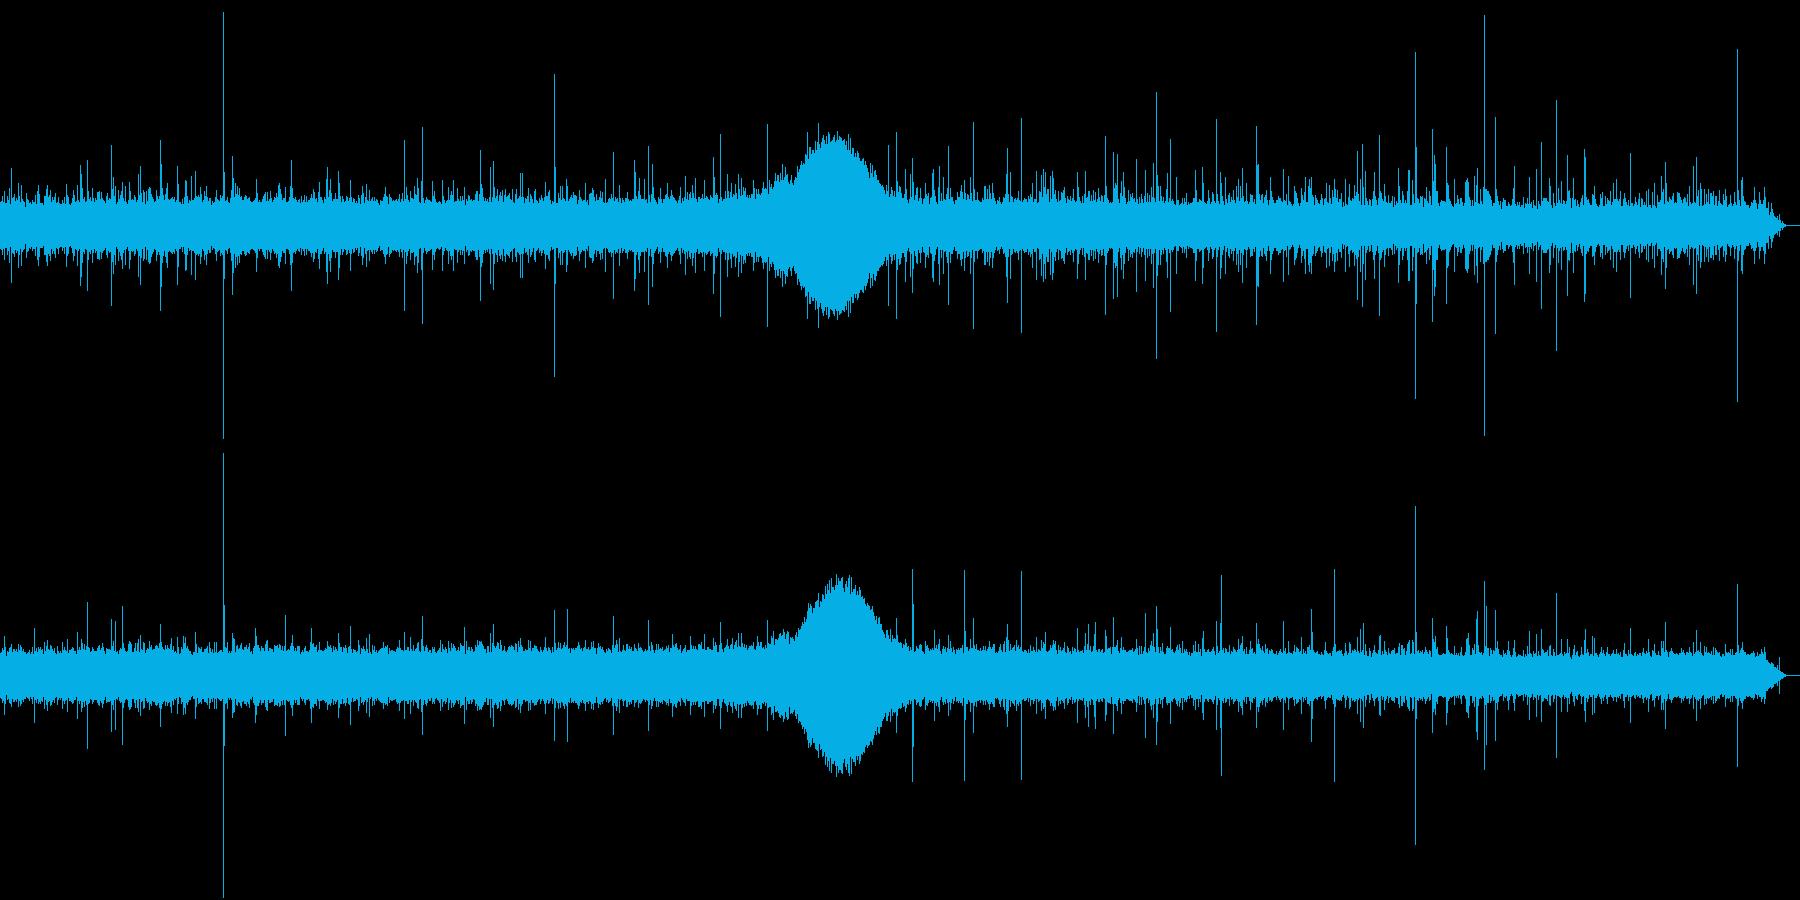 【生録音】日本 東京に降る雨の音 5の再生済みの波形